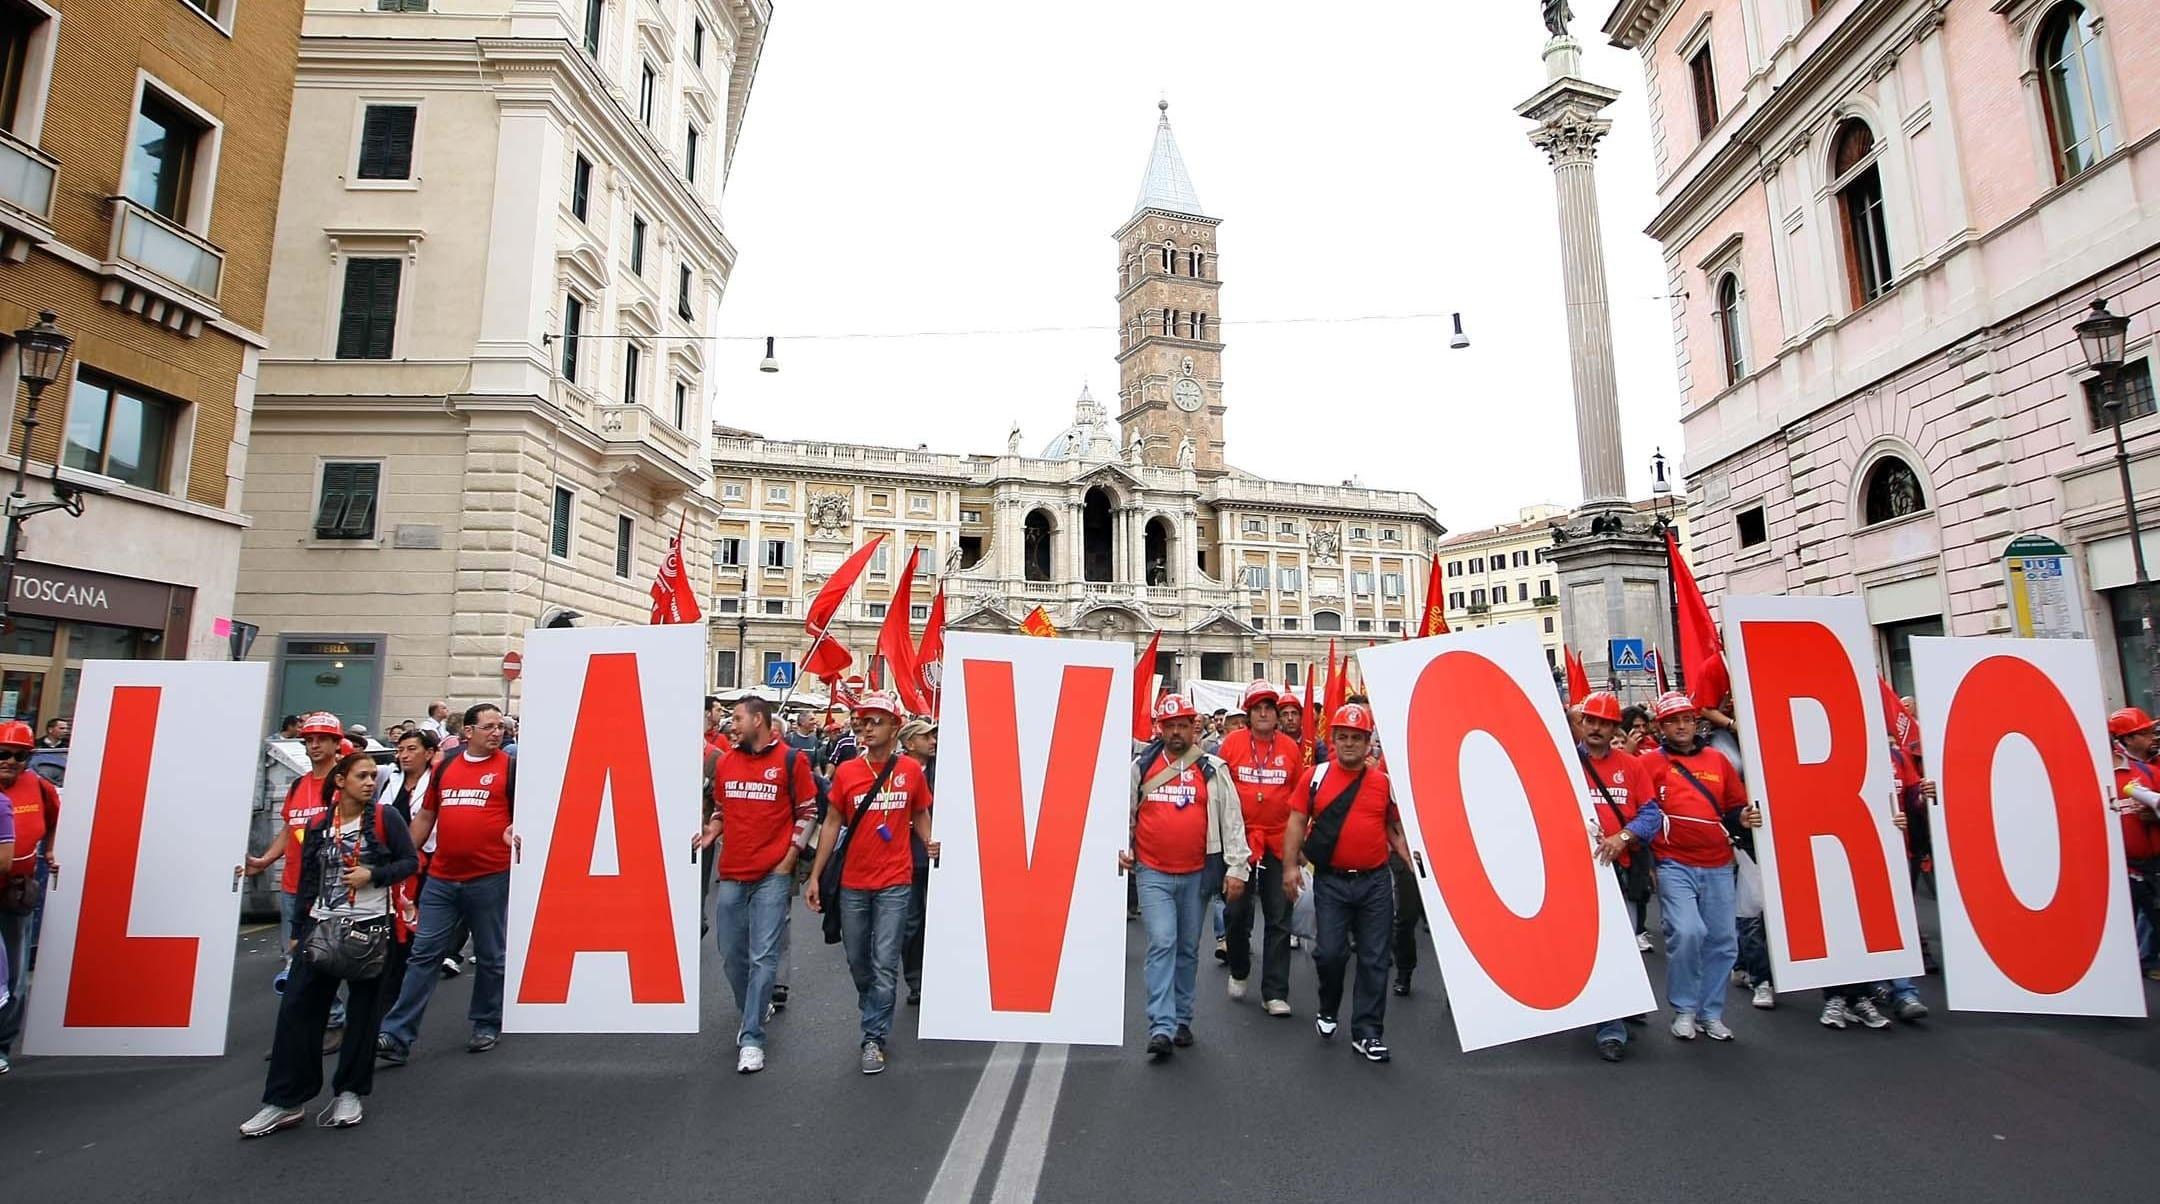 Sprechi d'Italia: quanto ci costa l'assistenzialismo. Ecco la vera storia degli Lsu, mentre abbiamo bisogno di lavoro vero